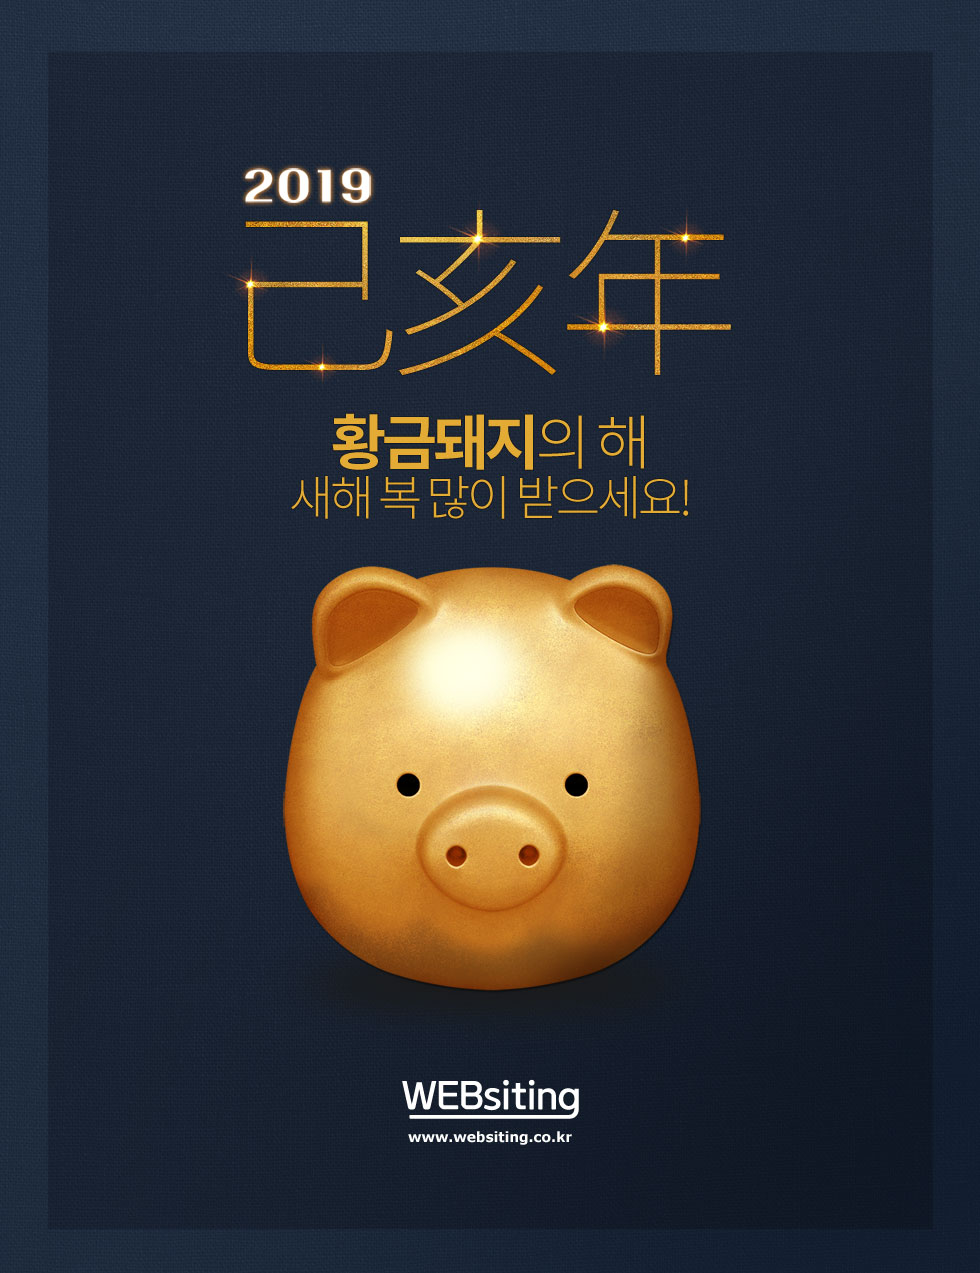 2019년 새해 복 많이 받으세요